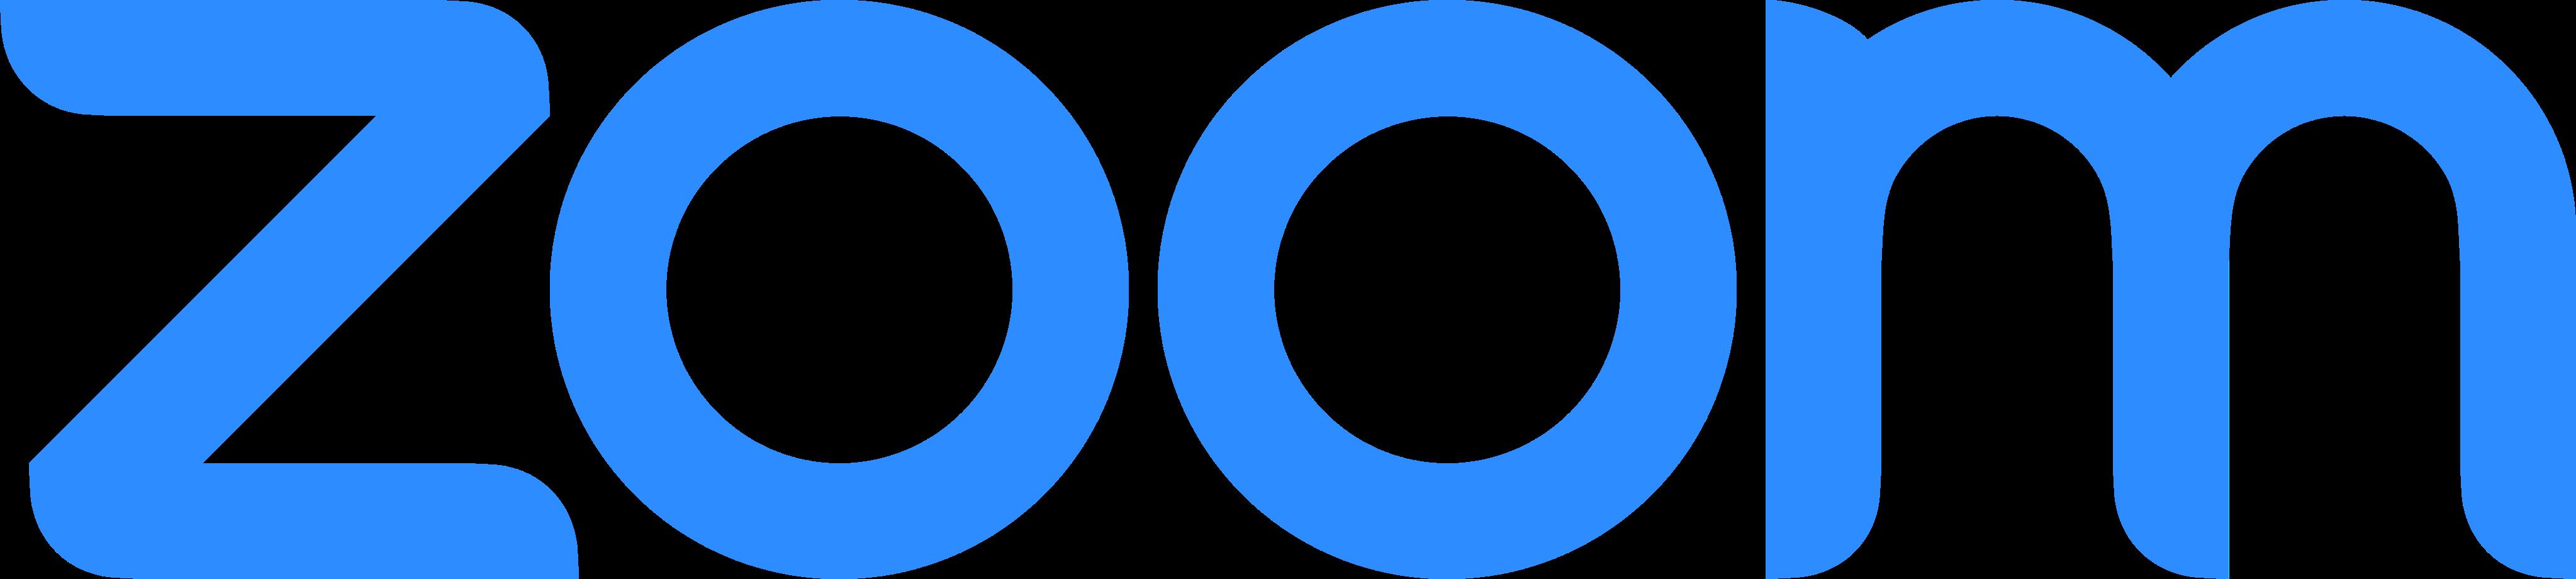 zoom logo - Zoom Logo